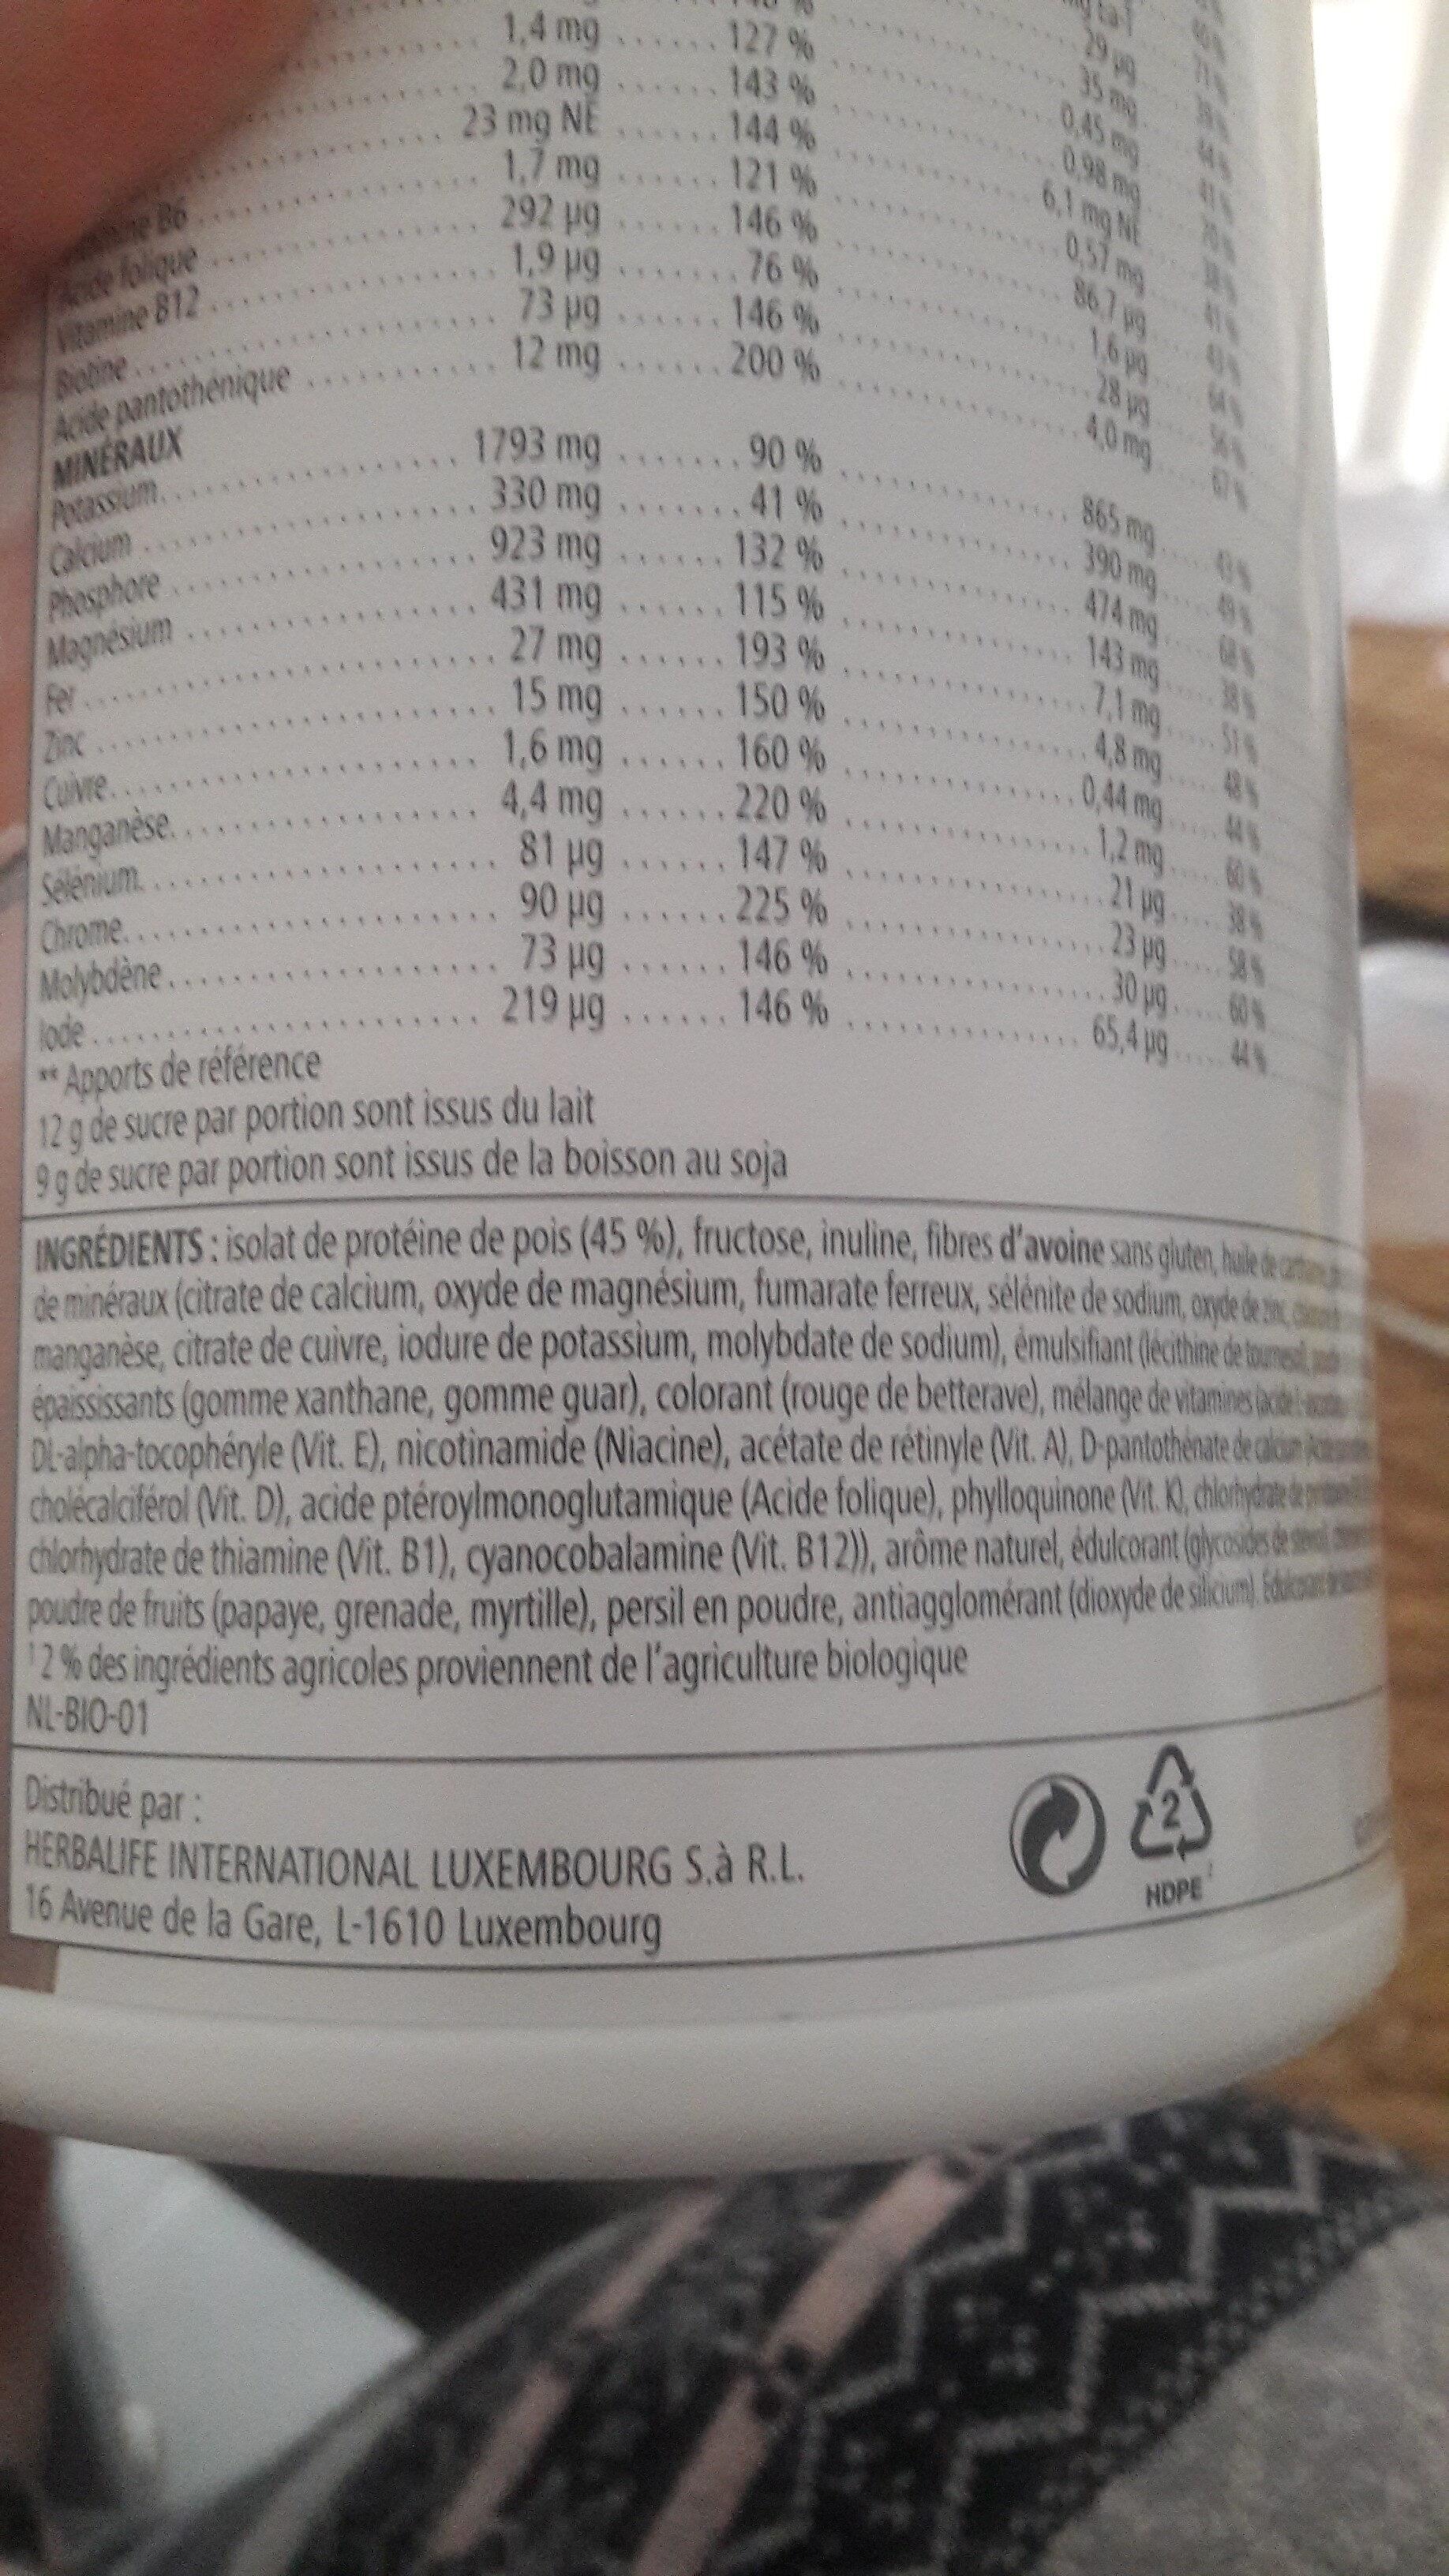 boisson nutritionnelle Formula 1 Strawberry - Ingrediënten - fr